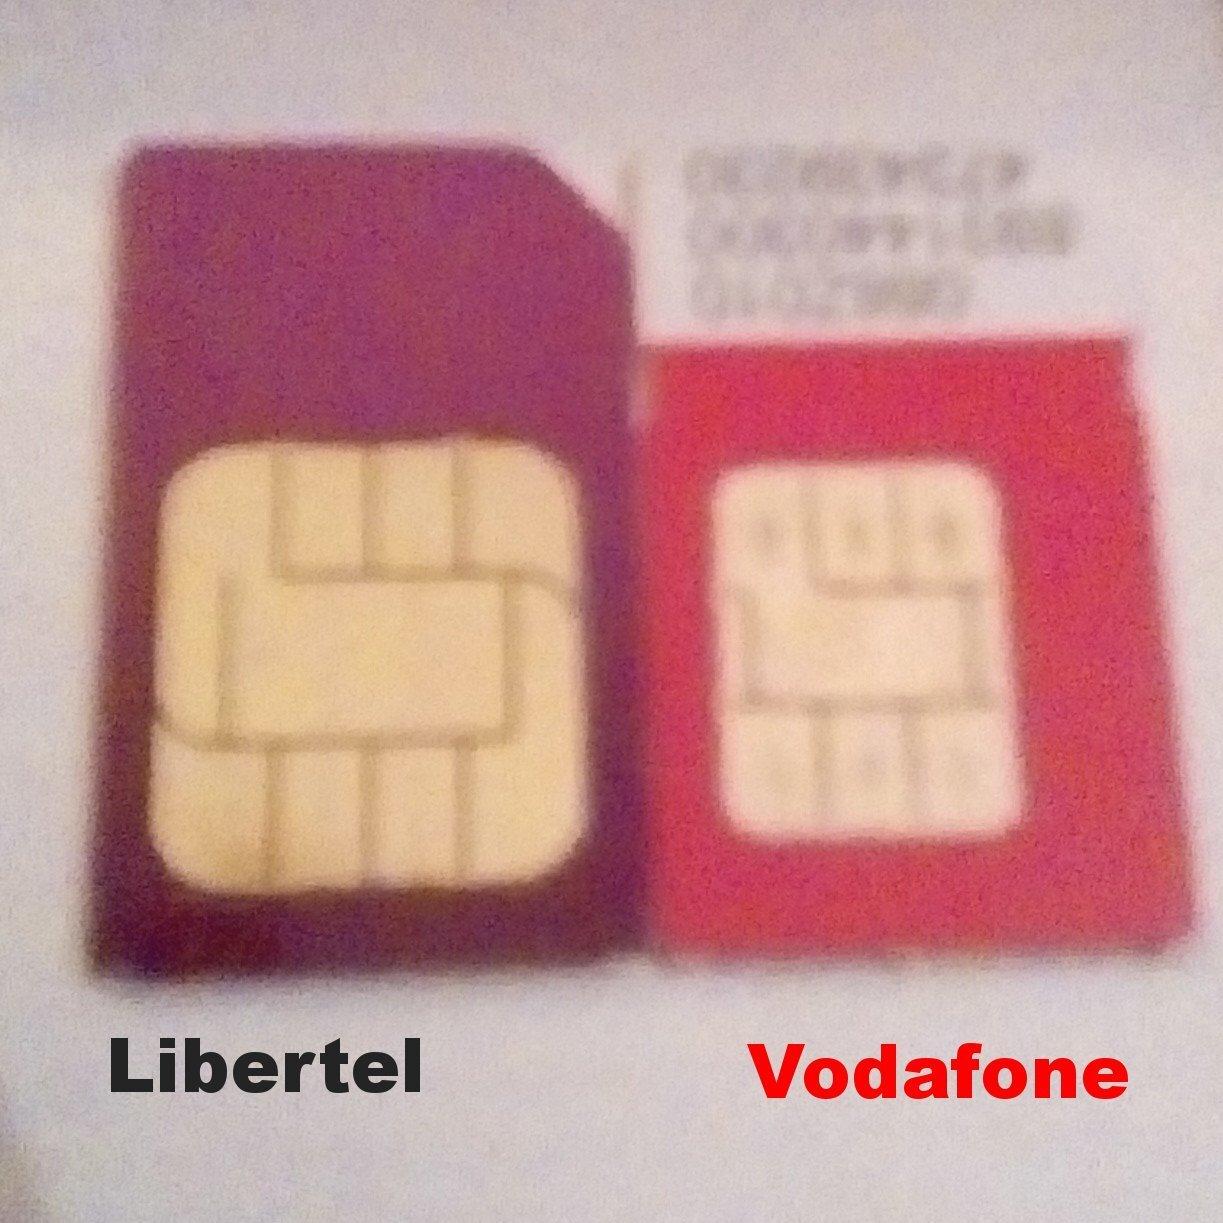 LibertelRene